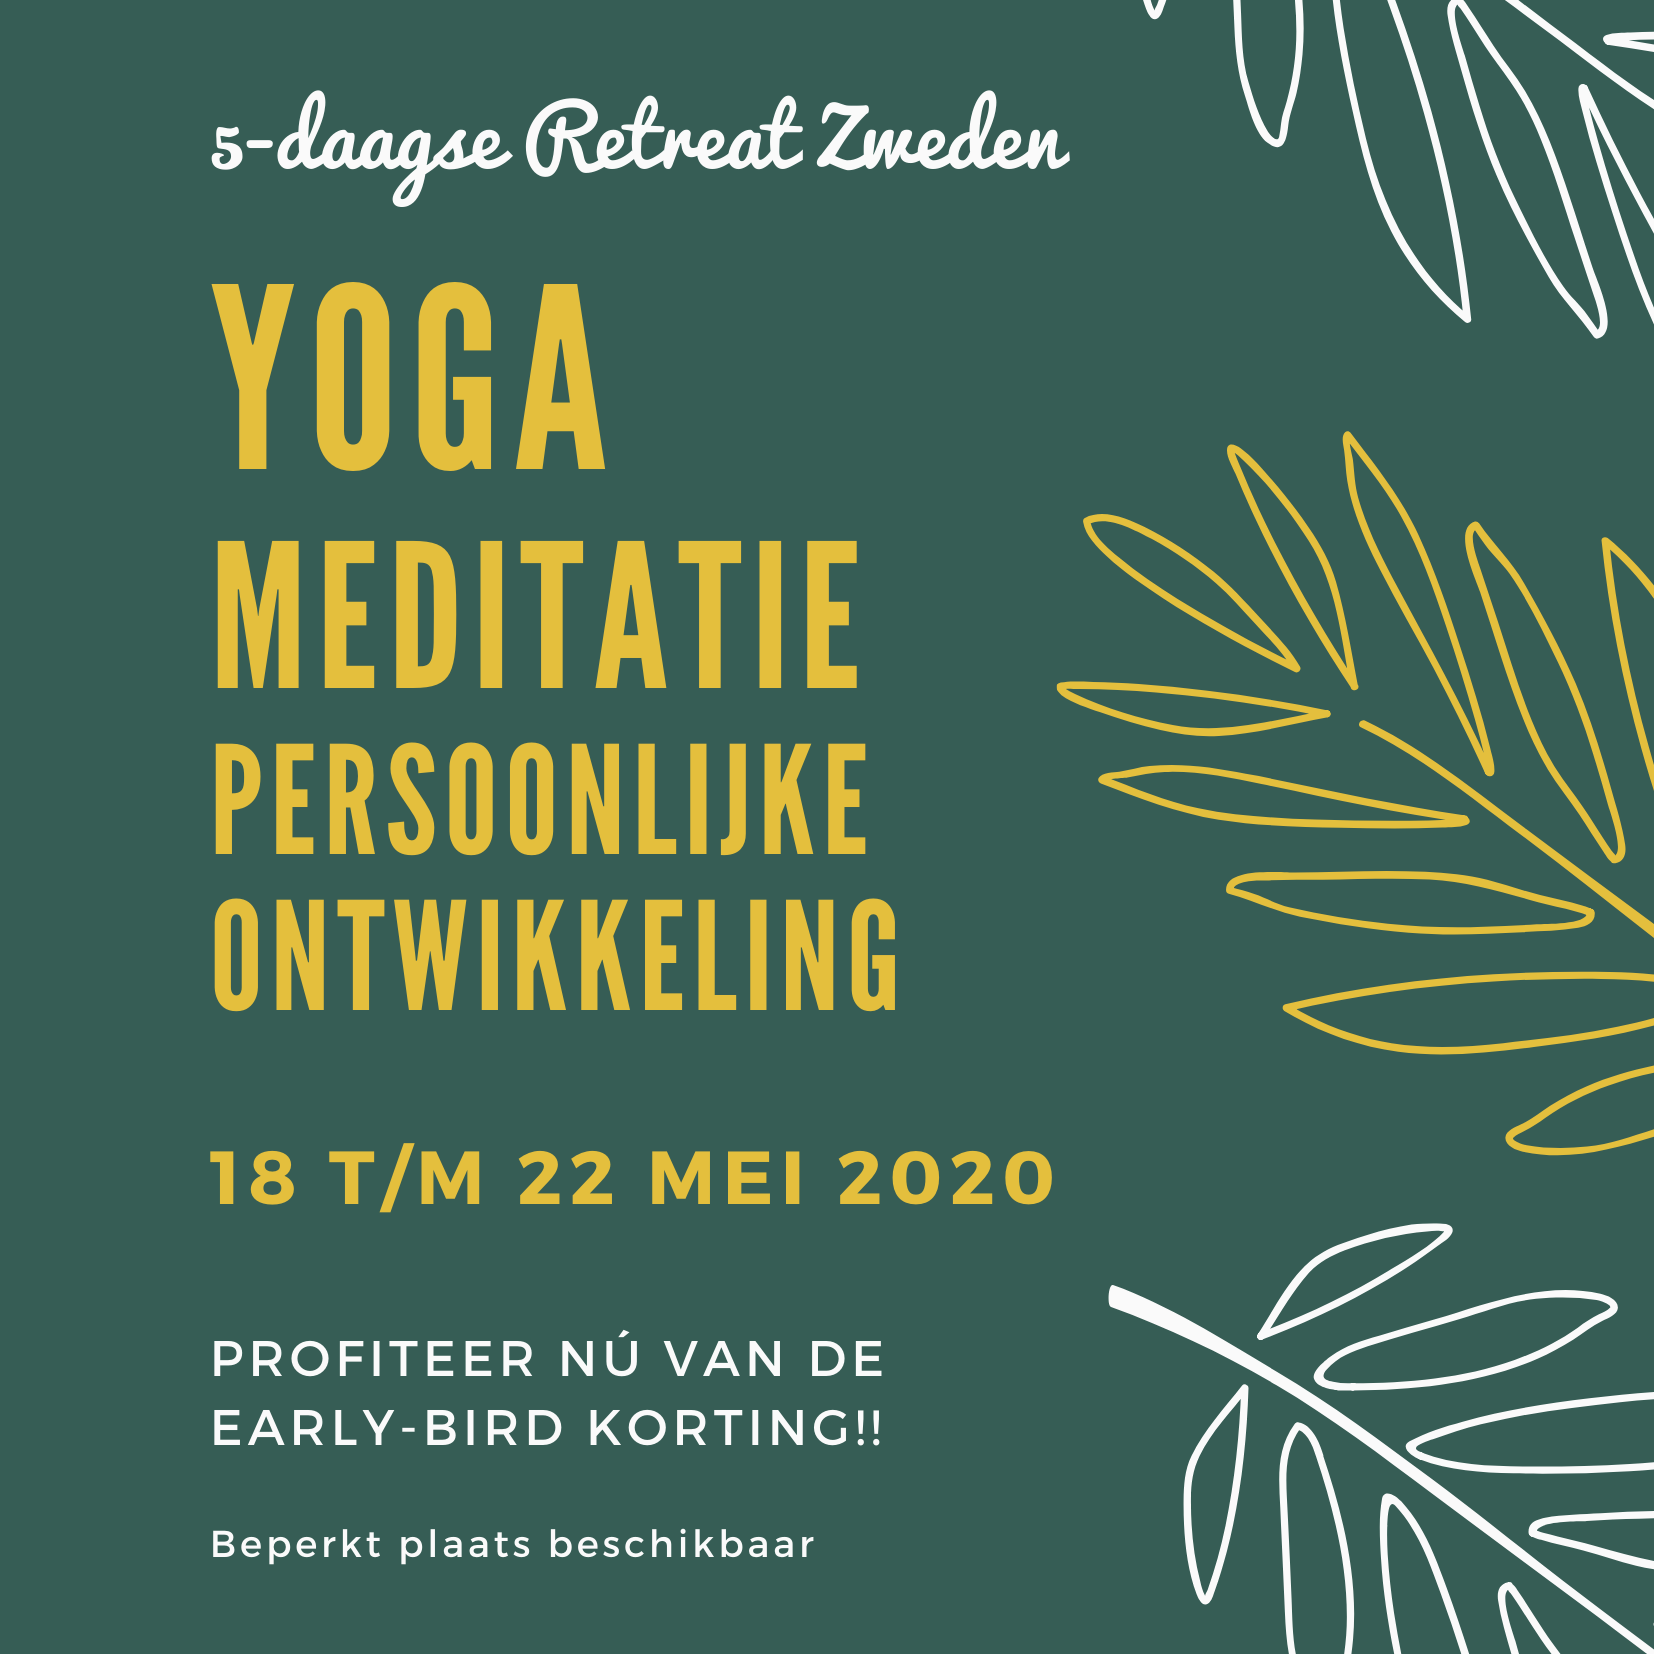 Retreat Zweden - Persoonlijke ontwikkeling yoga meditatie